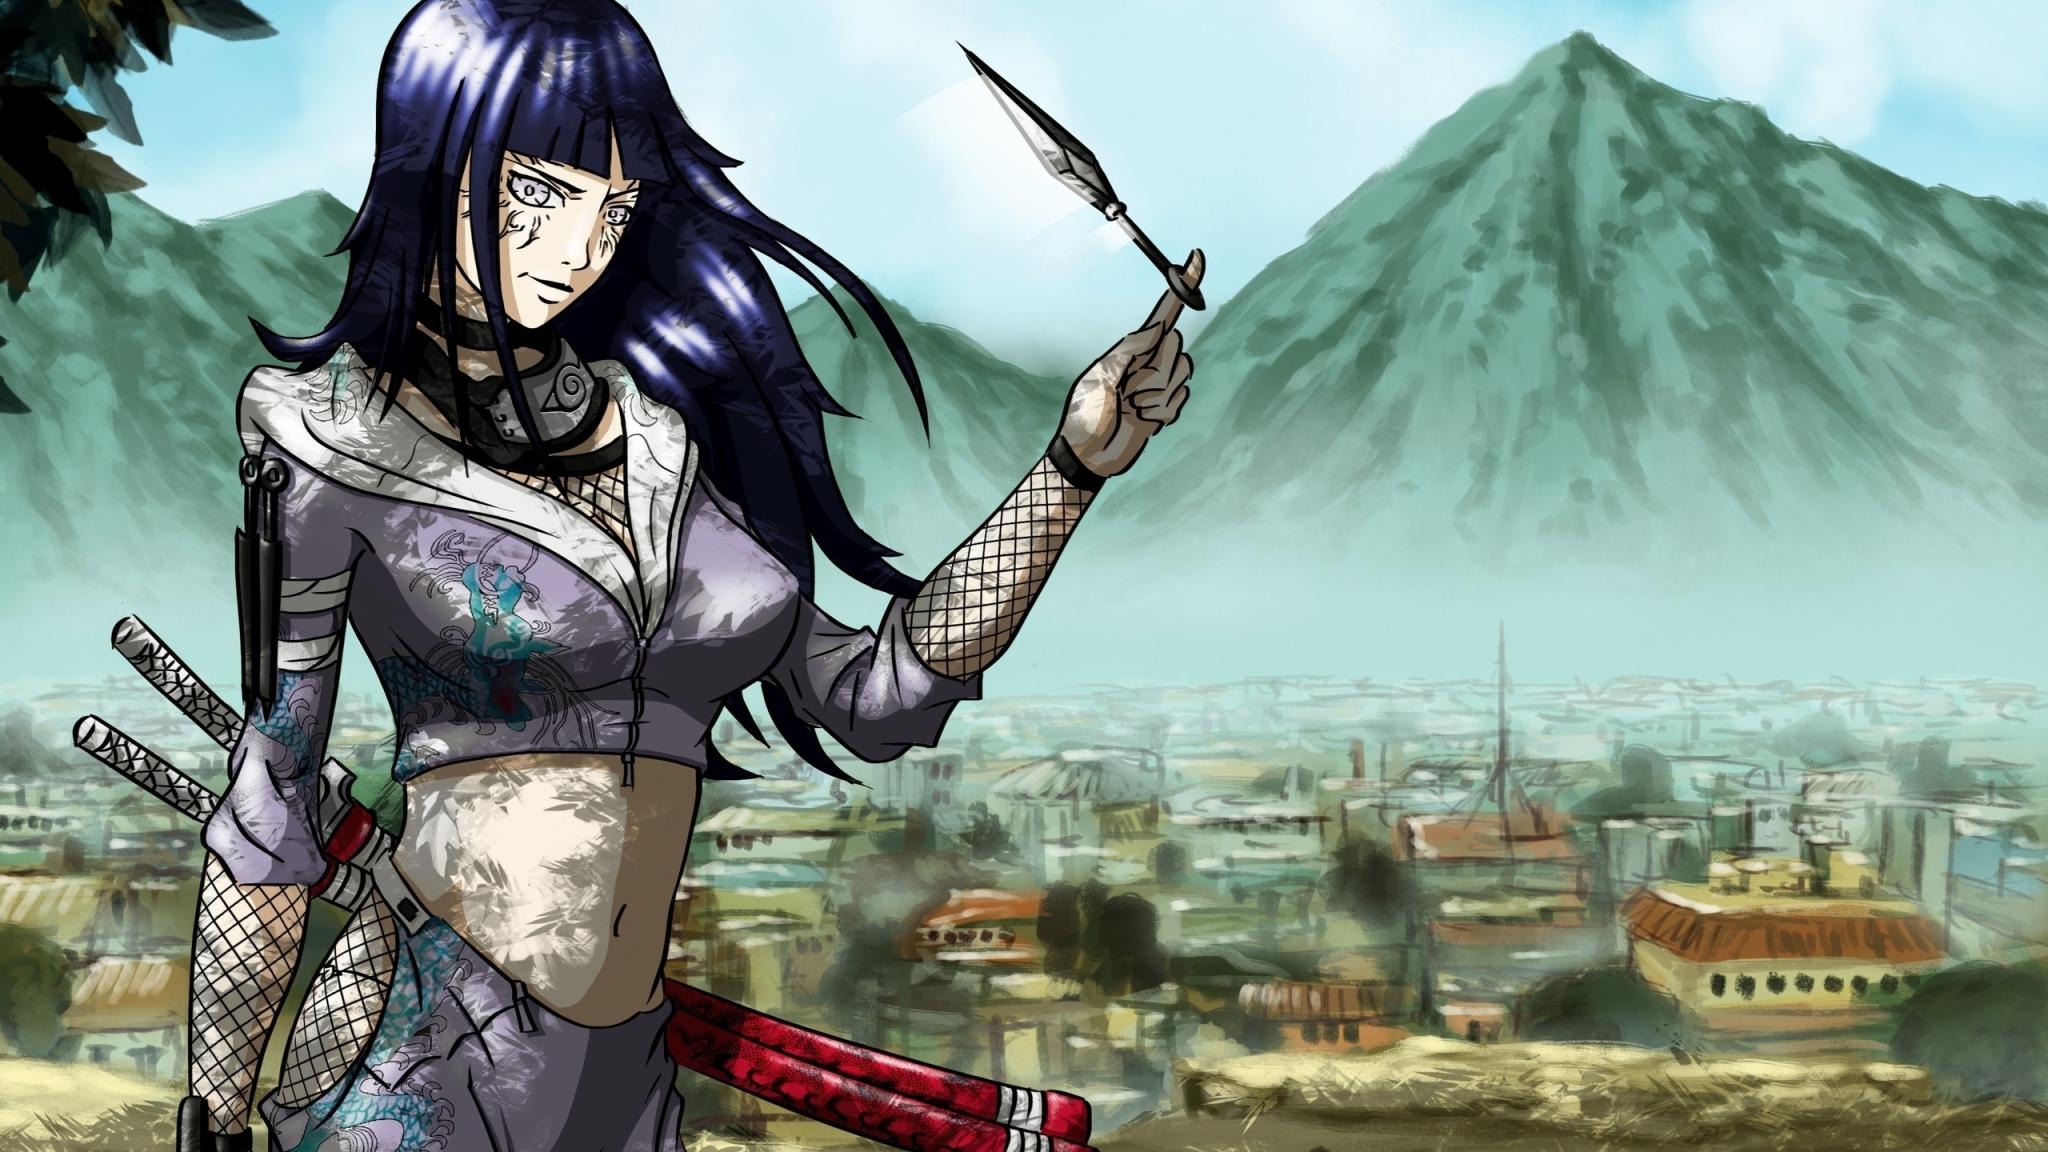 2048x1152 Naruto Naruto Shippuden Hinata Hyuga 2048x1152